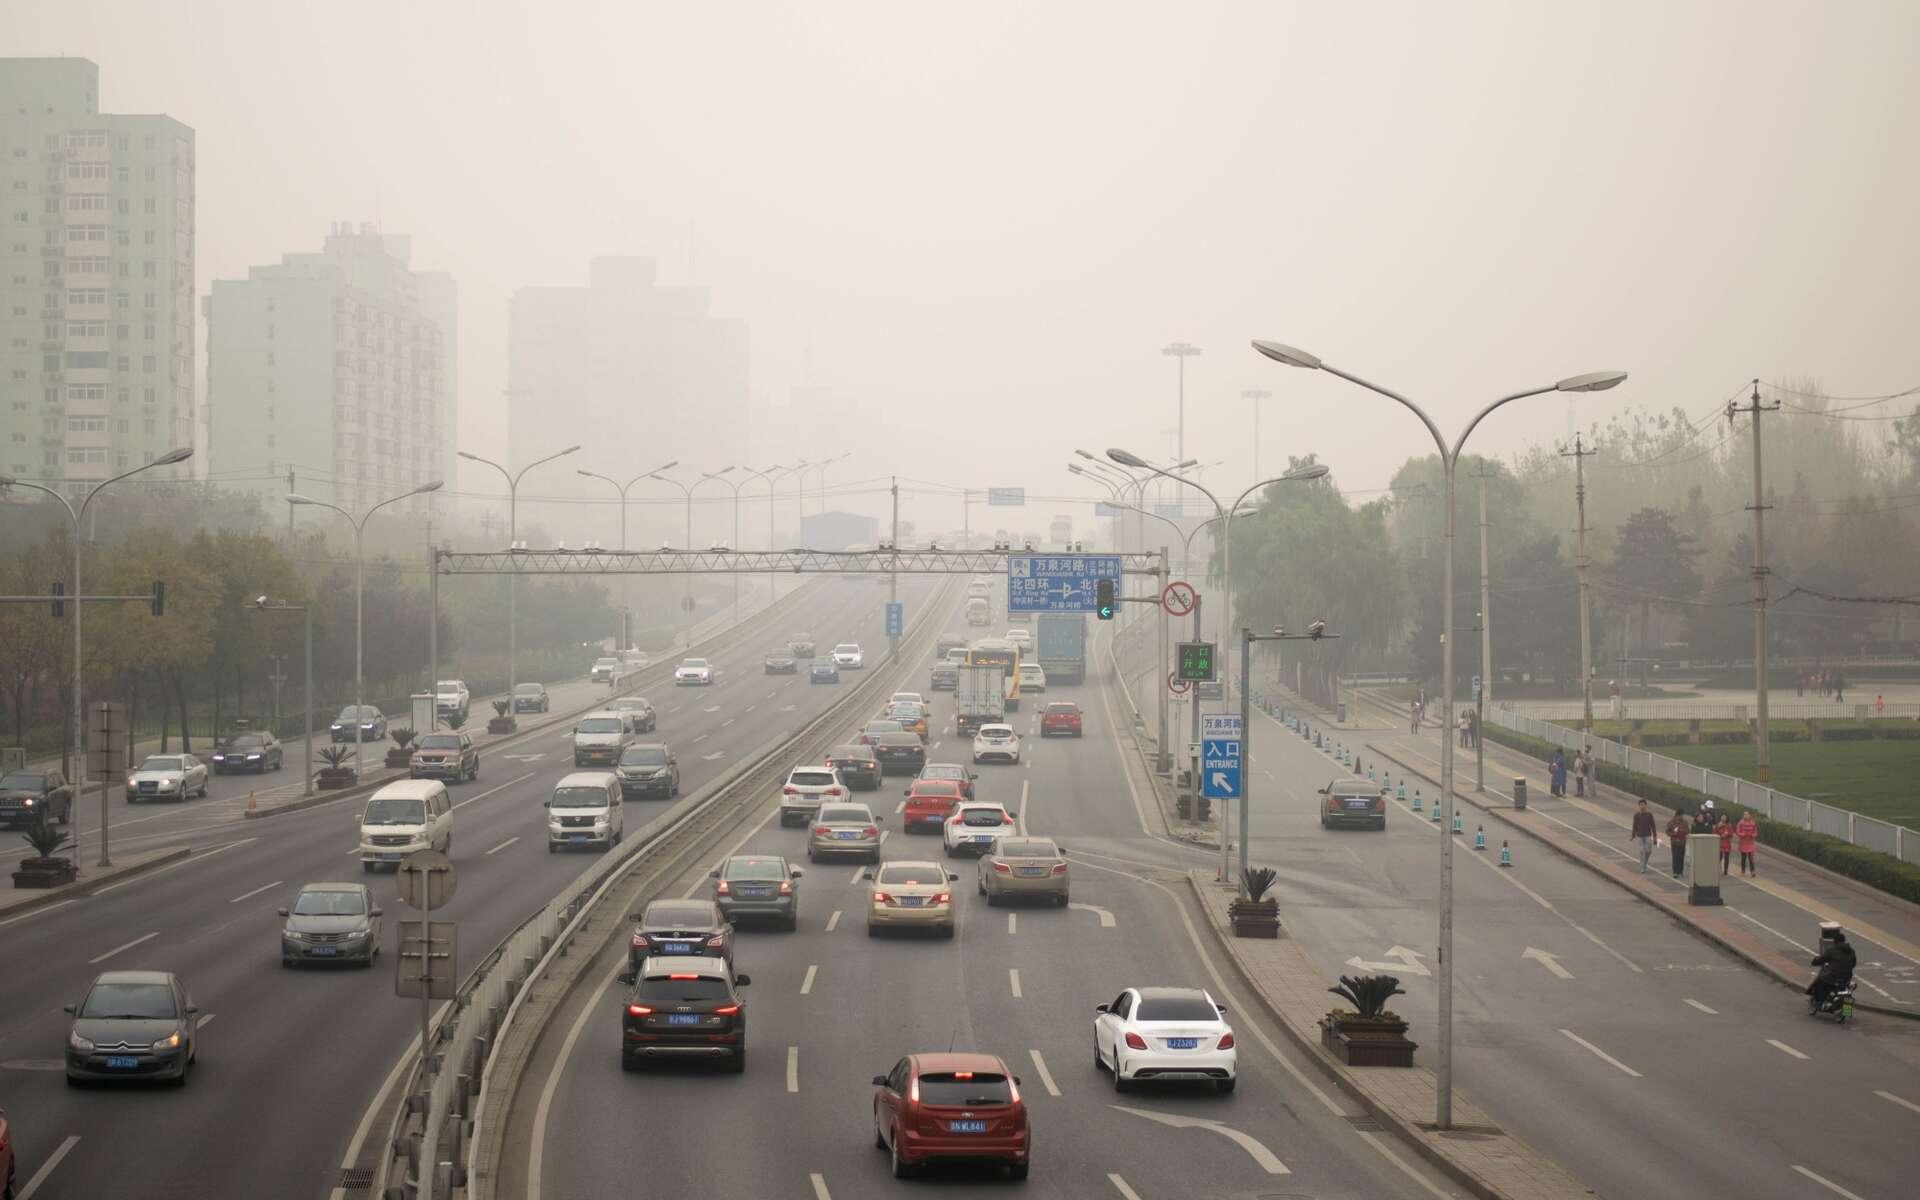 En ville, la pollution varie beaucoup d'un endroit à l'autre et d'un moment à l'autre. Réaliser un suivi en trois dimensions n'a rien de simple. Des bactéries génétiquement modifiées et déplacées par un drone peuvent résoudre ce problème. La méthode pourrait être adaptée pour des mesures à l'intérieur de bâtiments. © Nahorski Pavel, Shutterstock